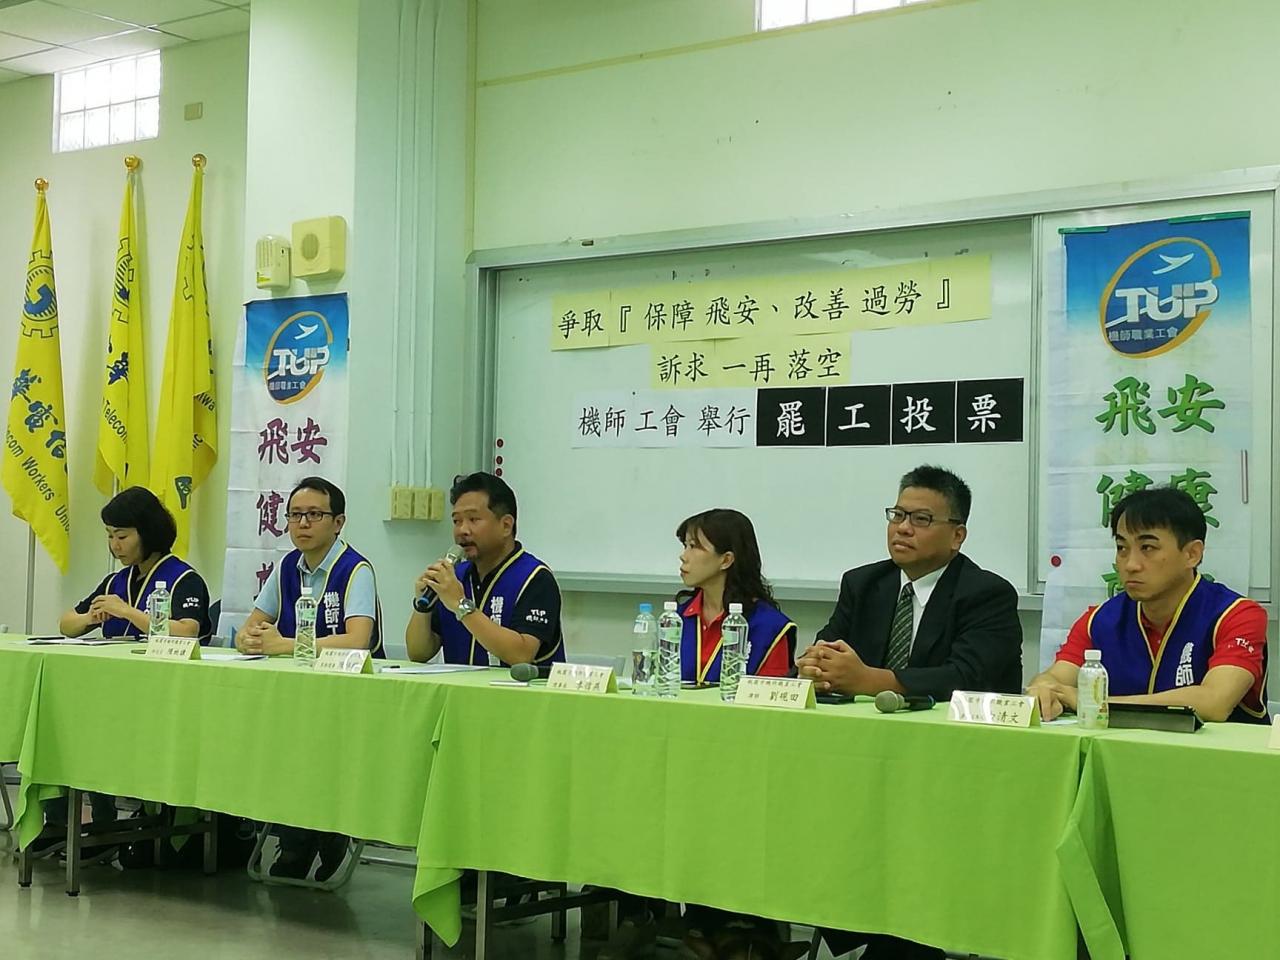 桃園市機師職業工會召開記者會宣布將舉行罷工投票。(攝影:陳炯廷)